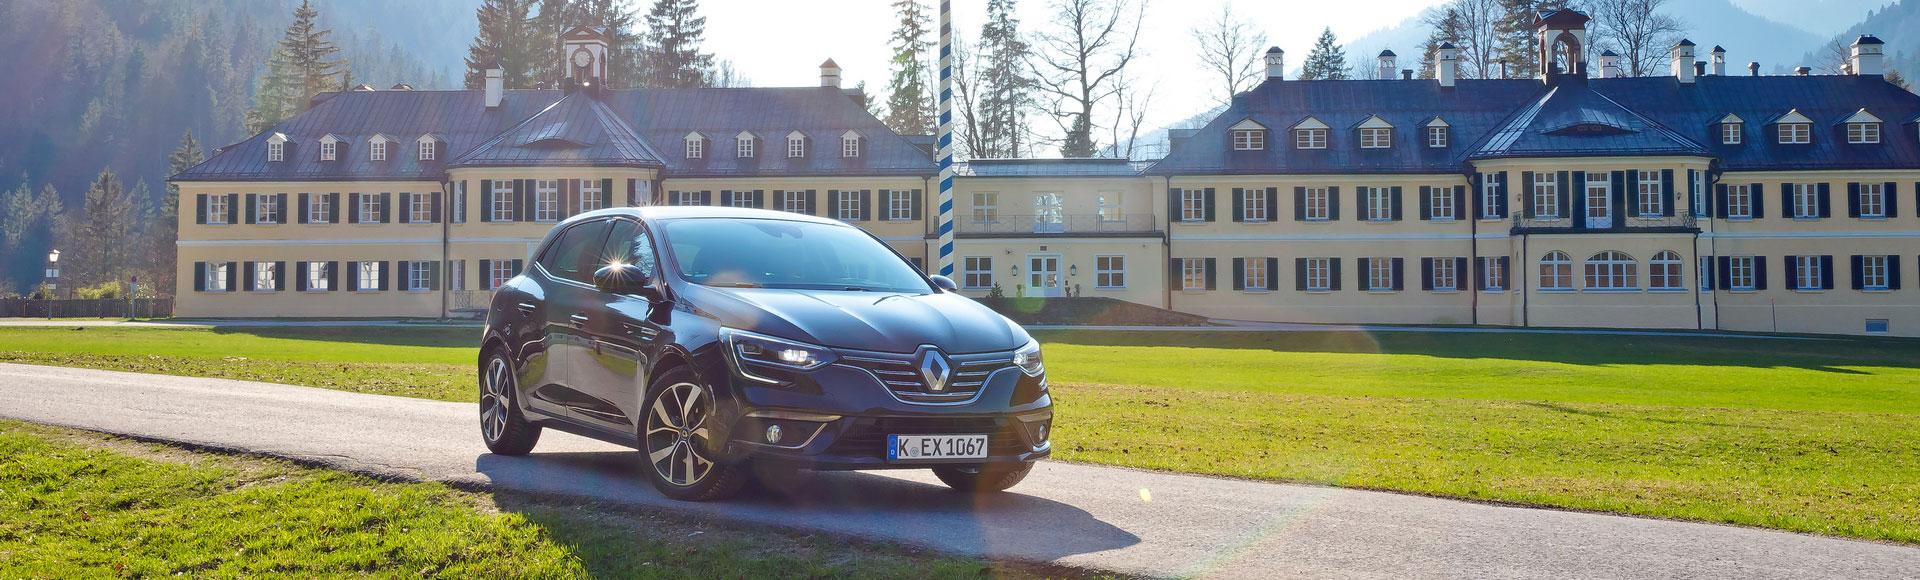 Renault Megane 2016 Spring 054